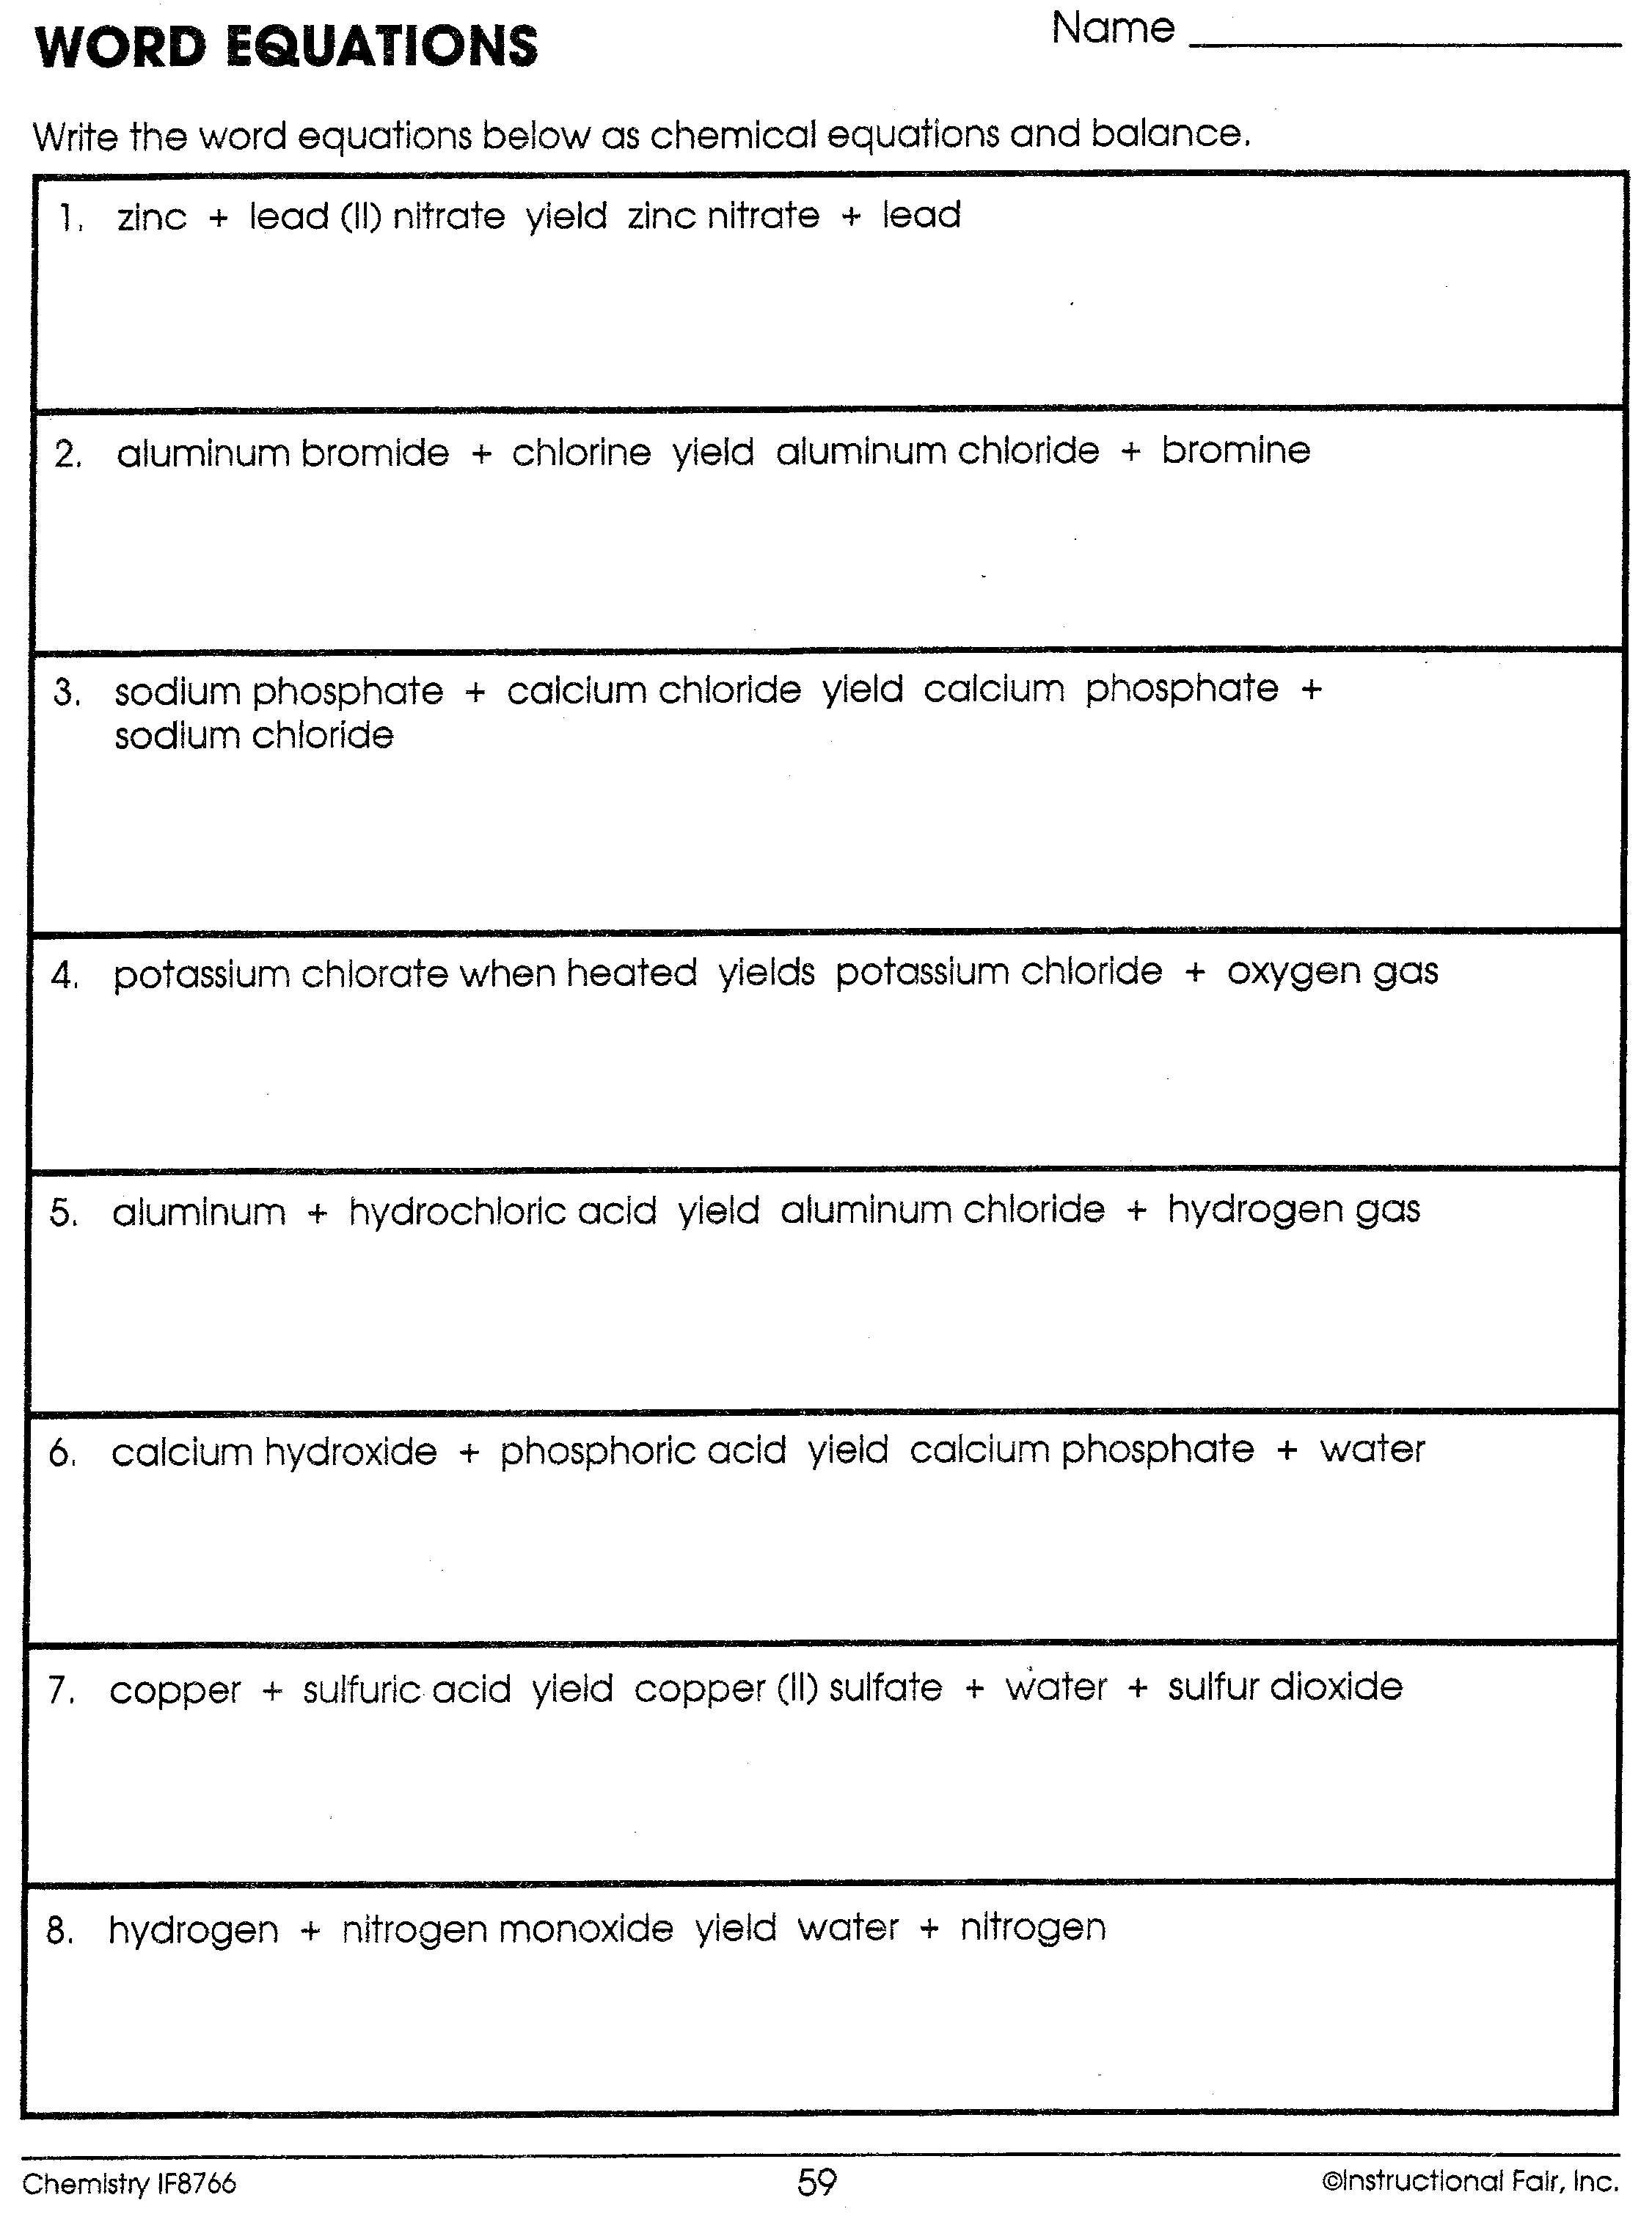 Balancing Word Equations Worksheets